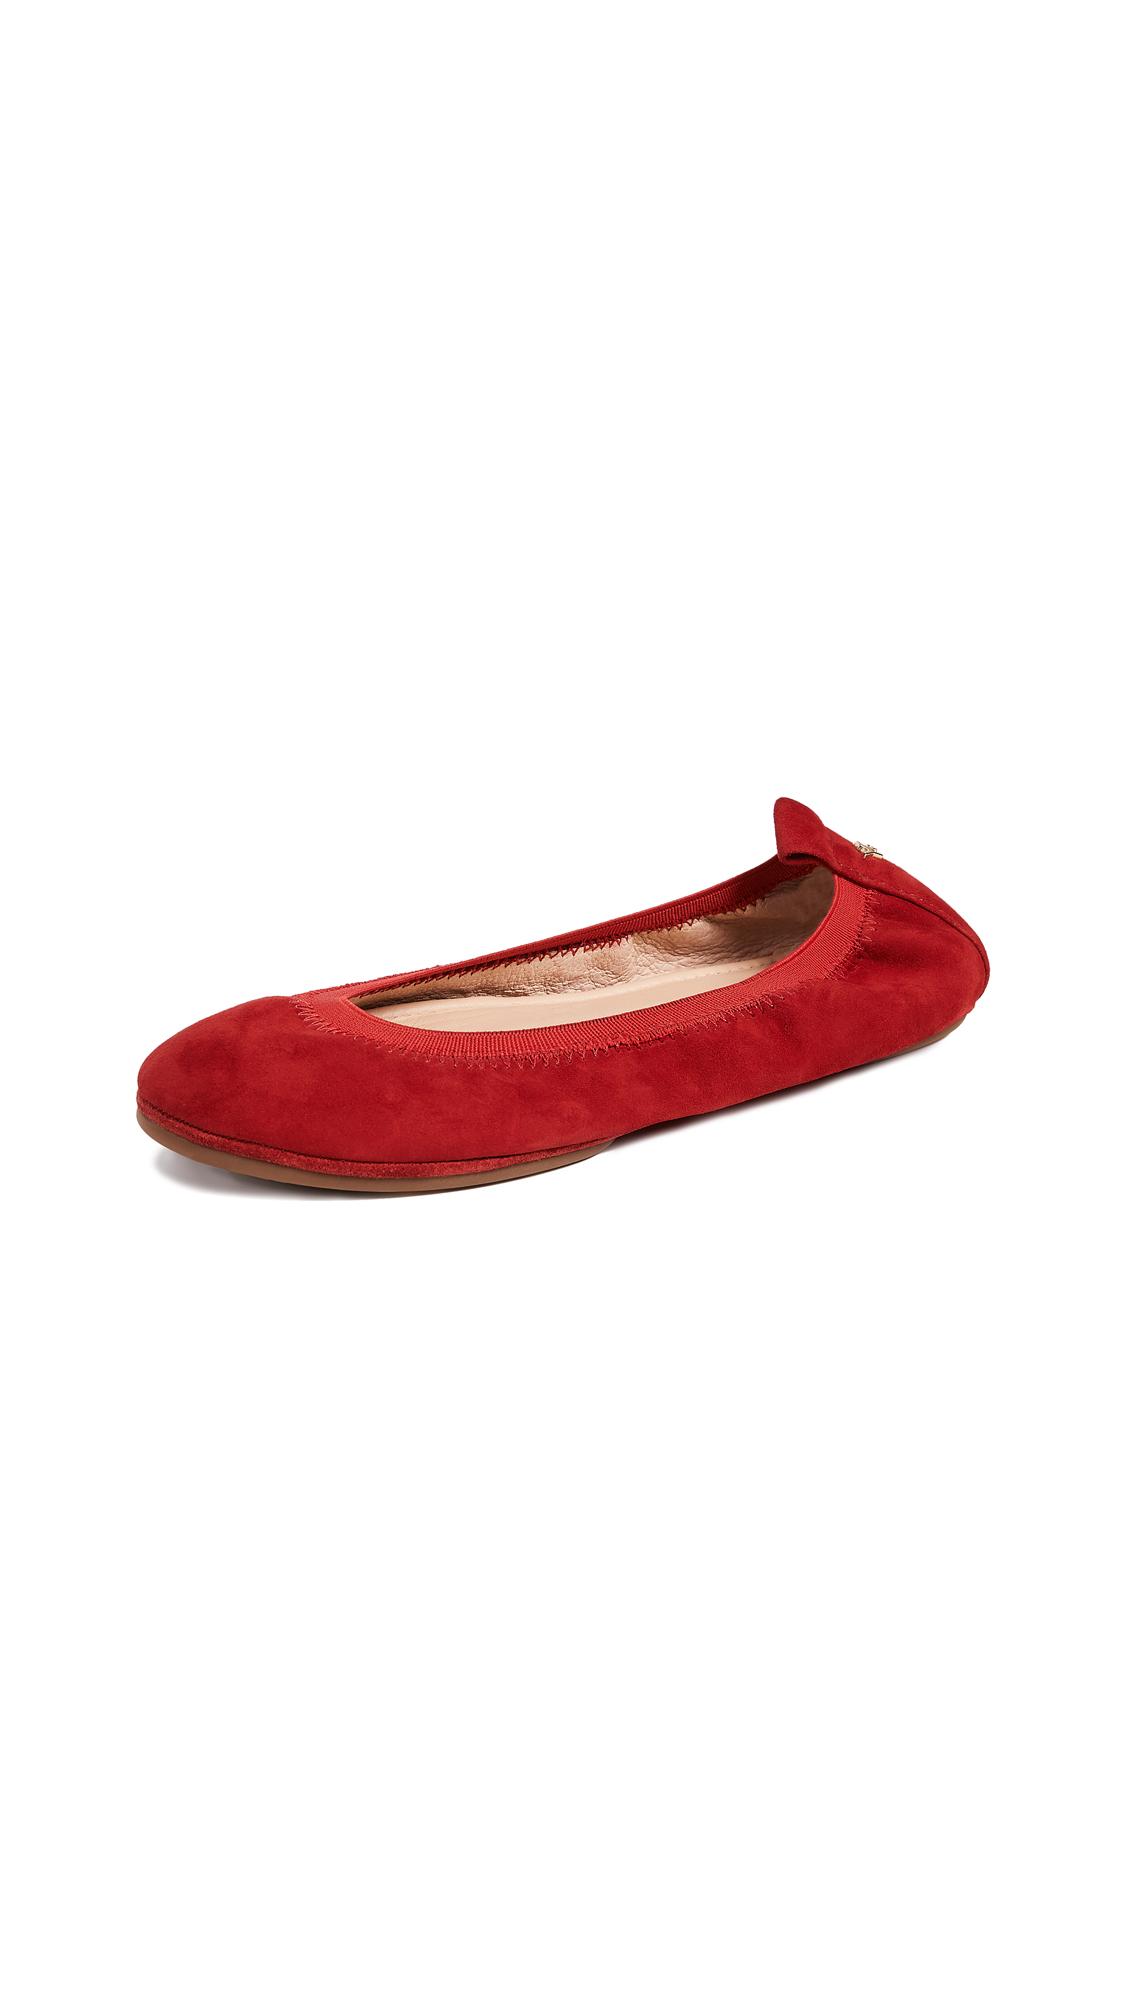 Yosi Samra Samara Ballet Flats - Red